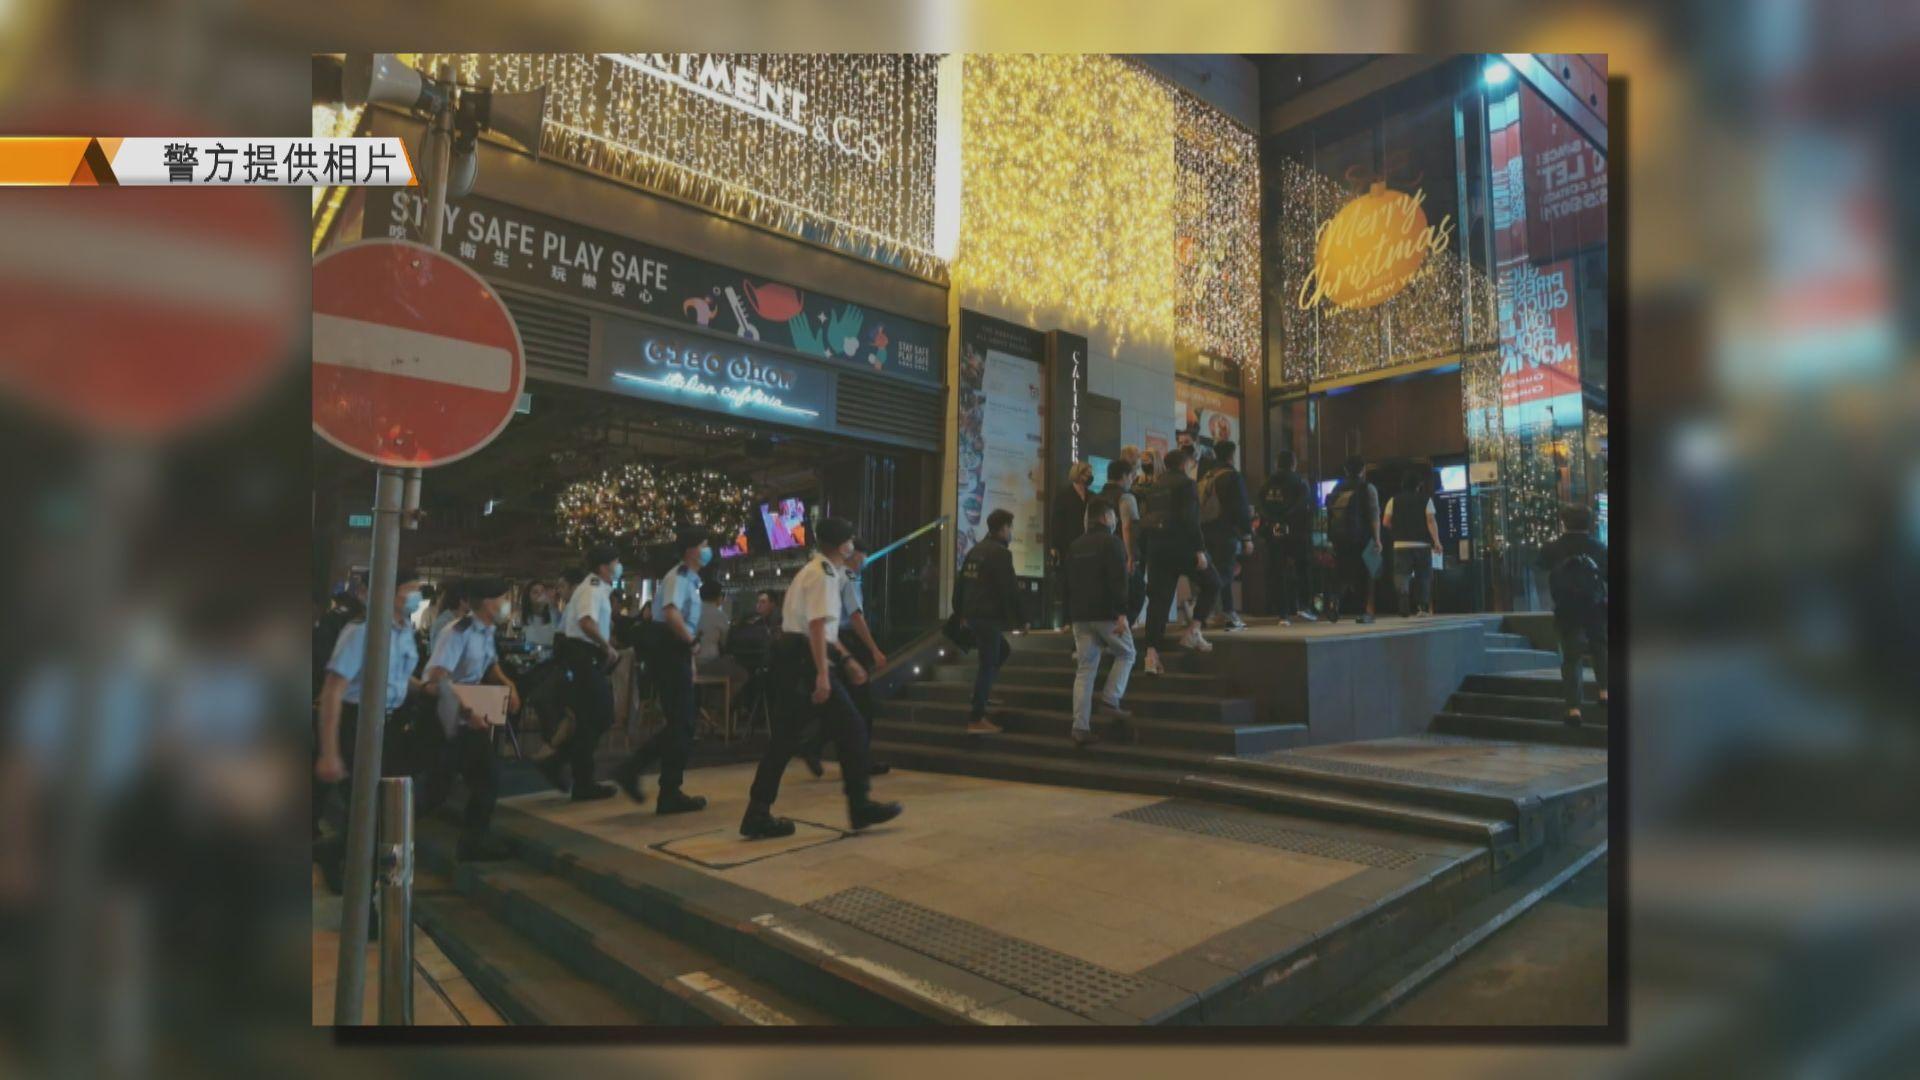 警方發現兩酒吧違規營業 檢控負責人及票控顧客